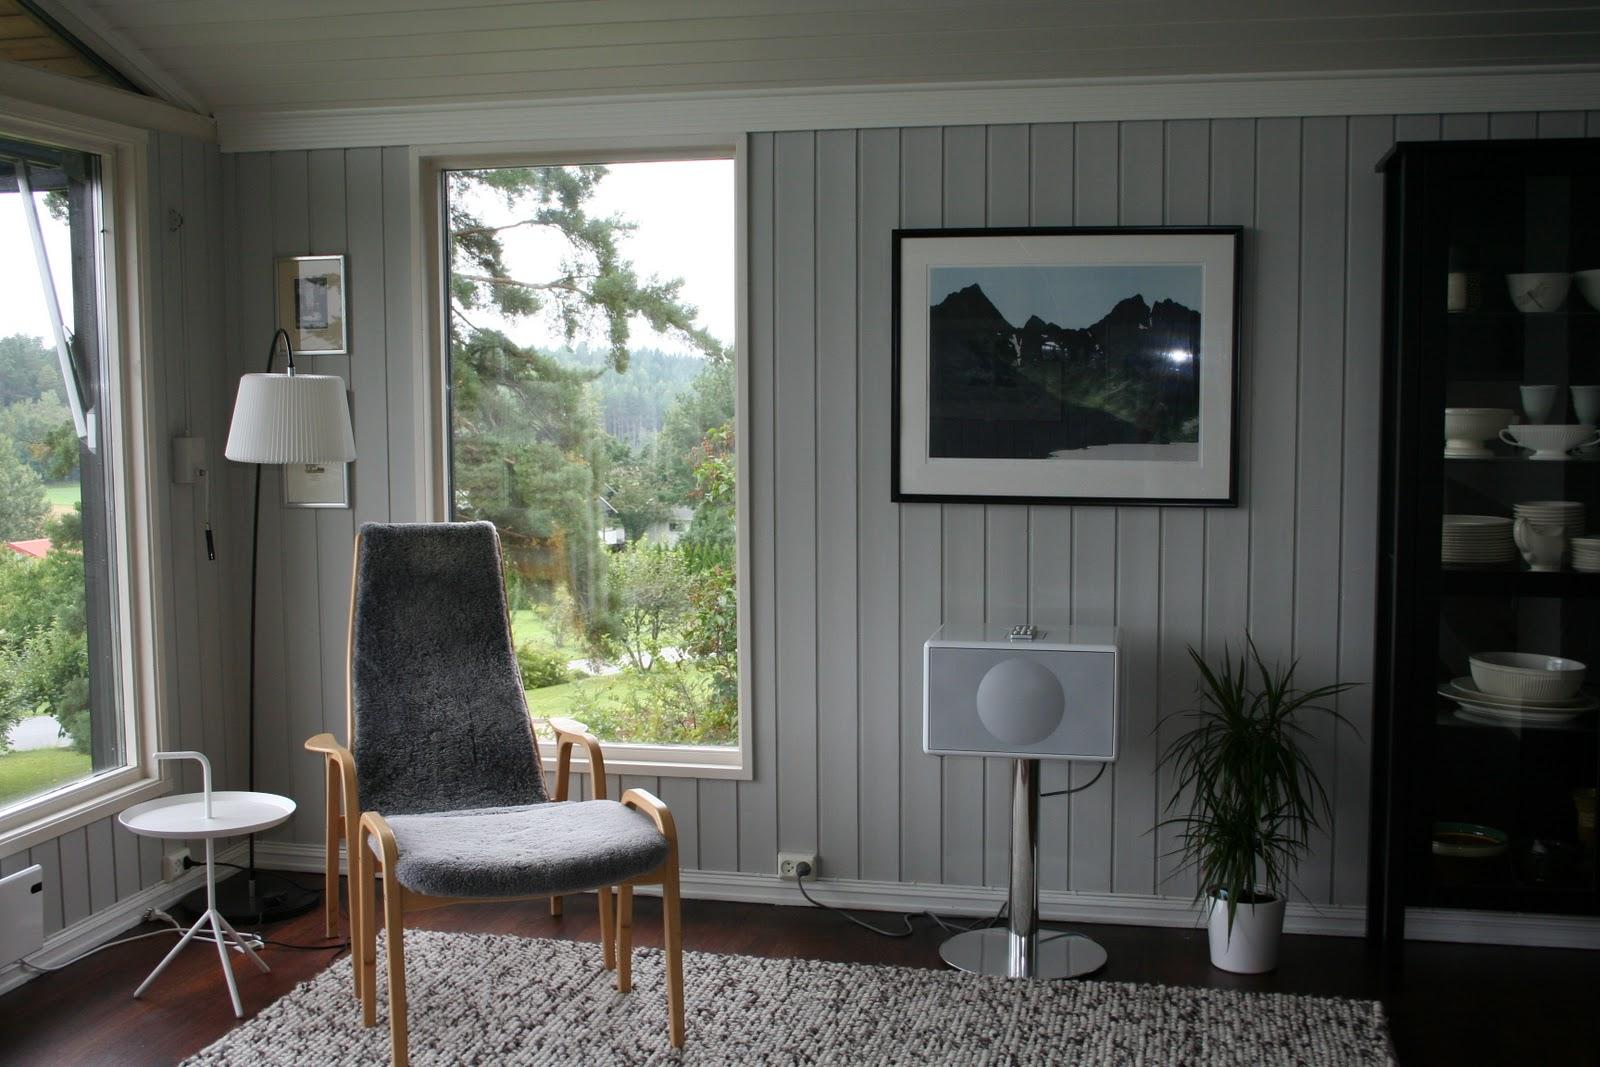 Hvit Stue: D i y og litt nytt til leiligheten. Flyttbare elg christmas ...